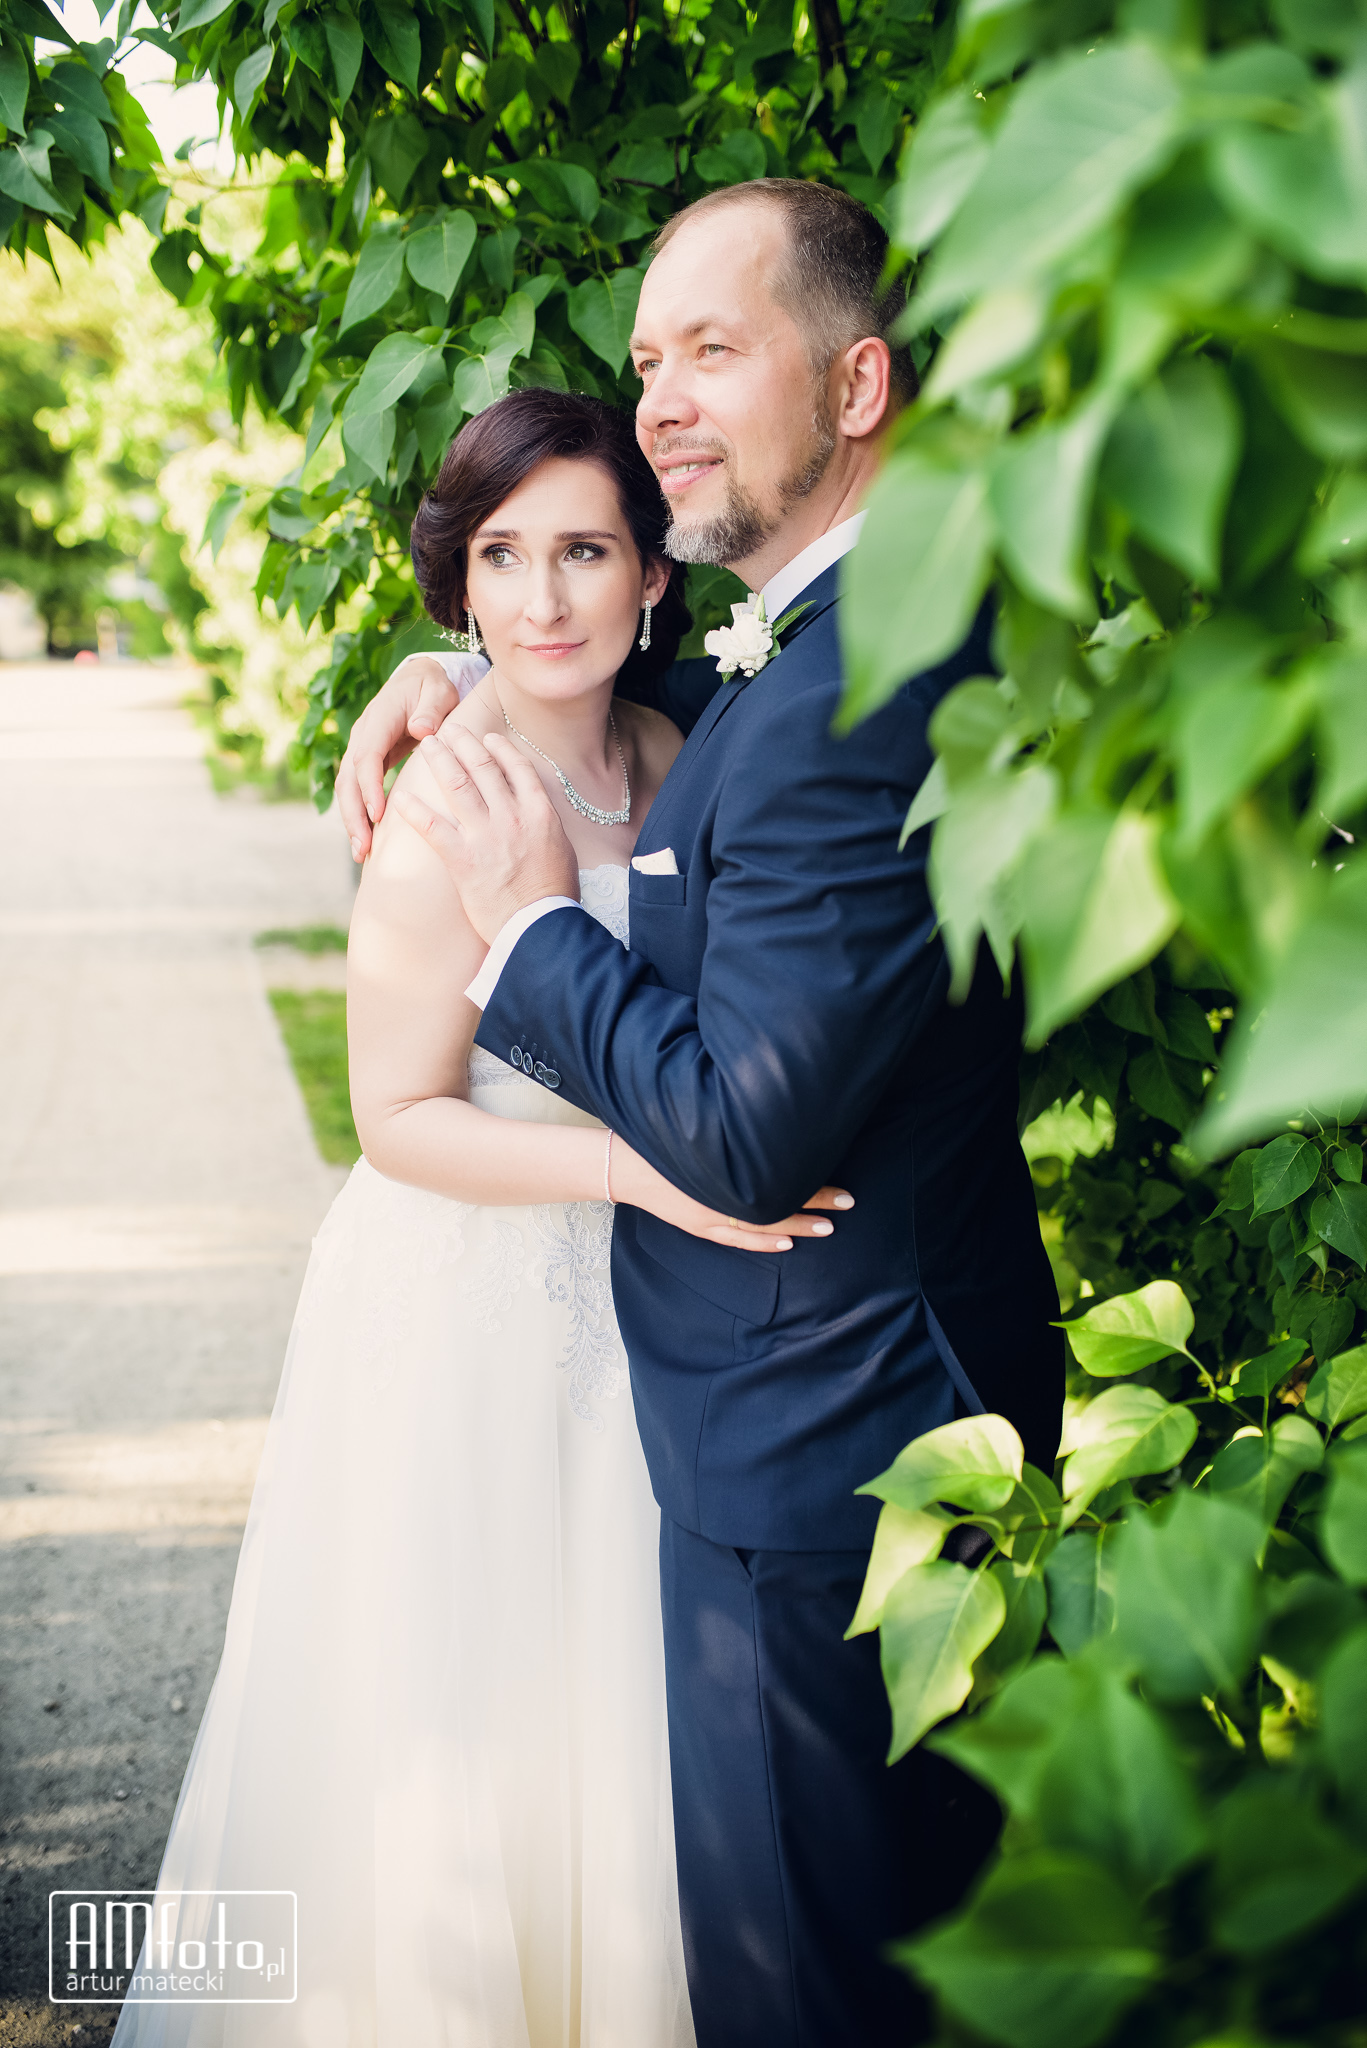 0655_Agnieszka&Artur_03-06-2017____www-amfoto-pl__AMF_7737.jpg